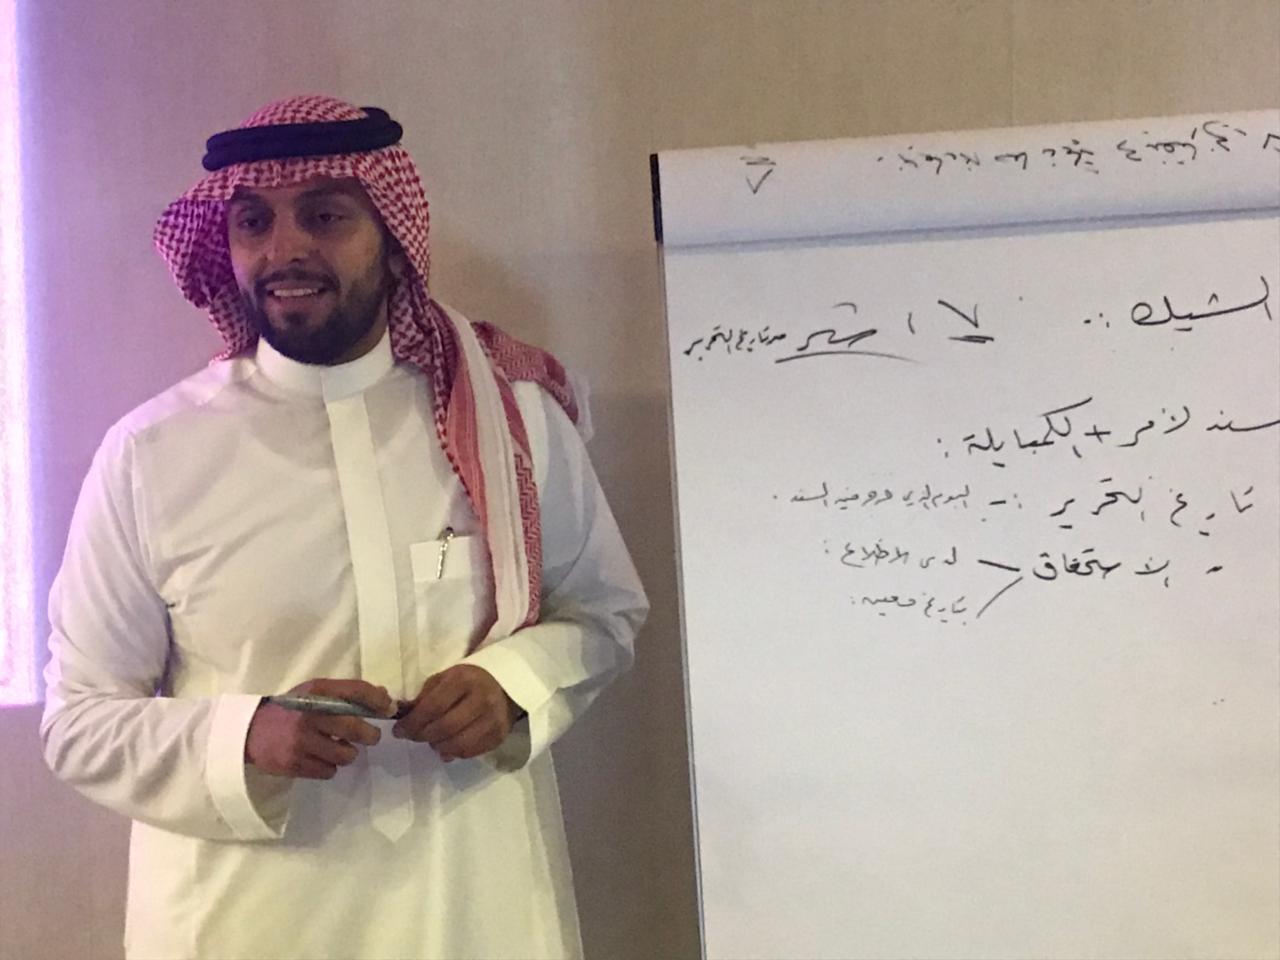 صياغة العقود - الرياض